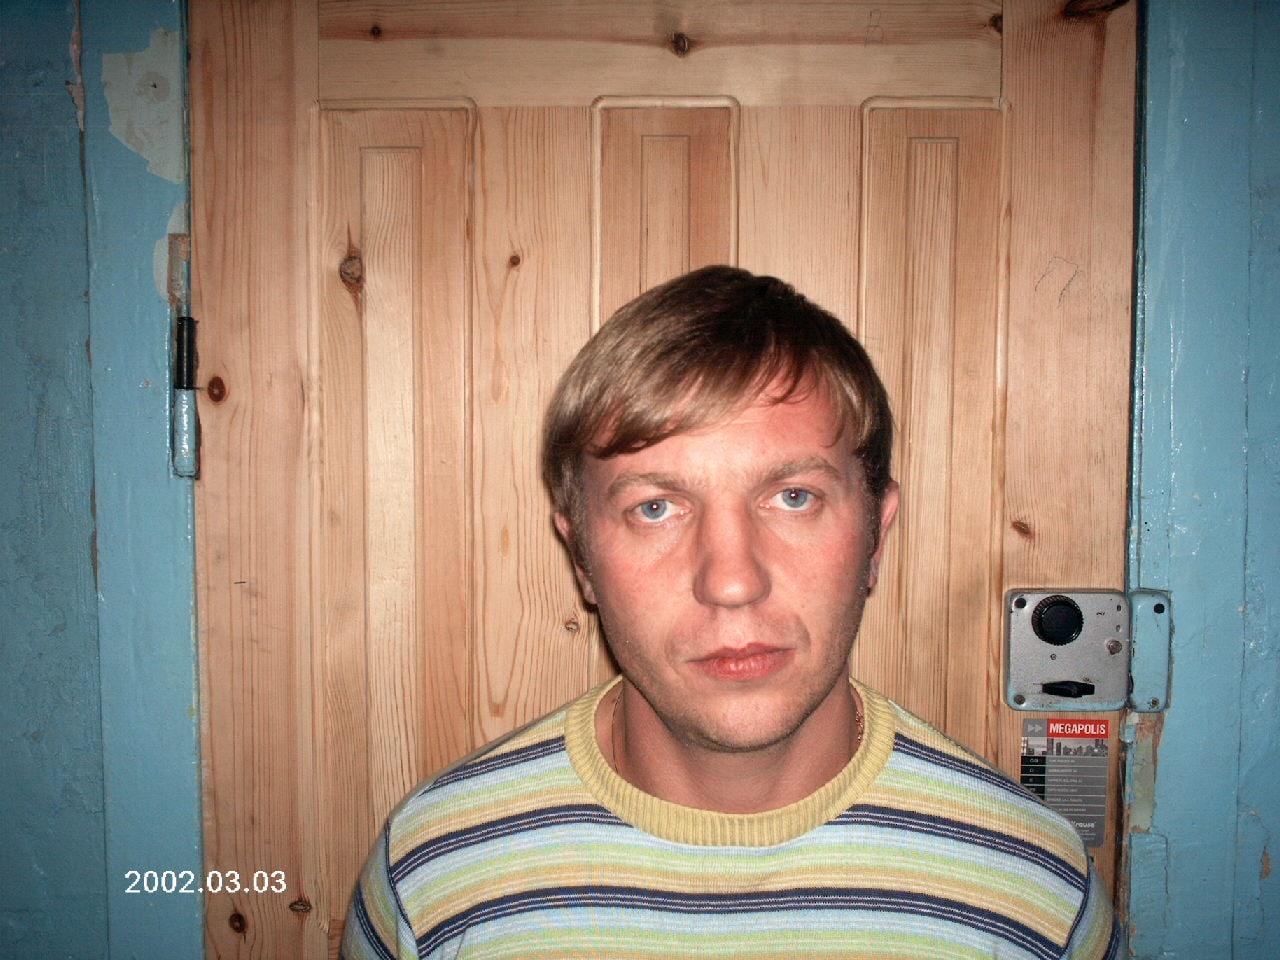 Читинский бандит Дрюня старший признался в московском убийстве